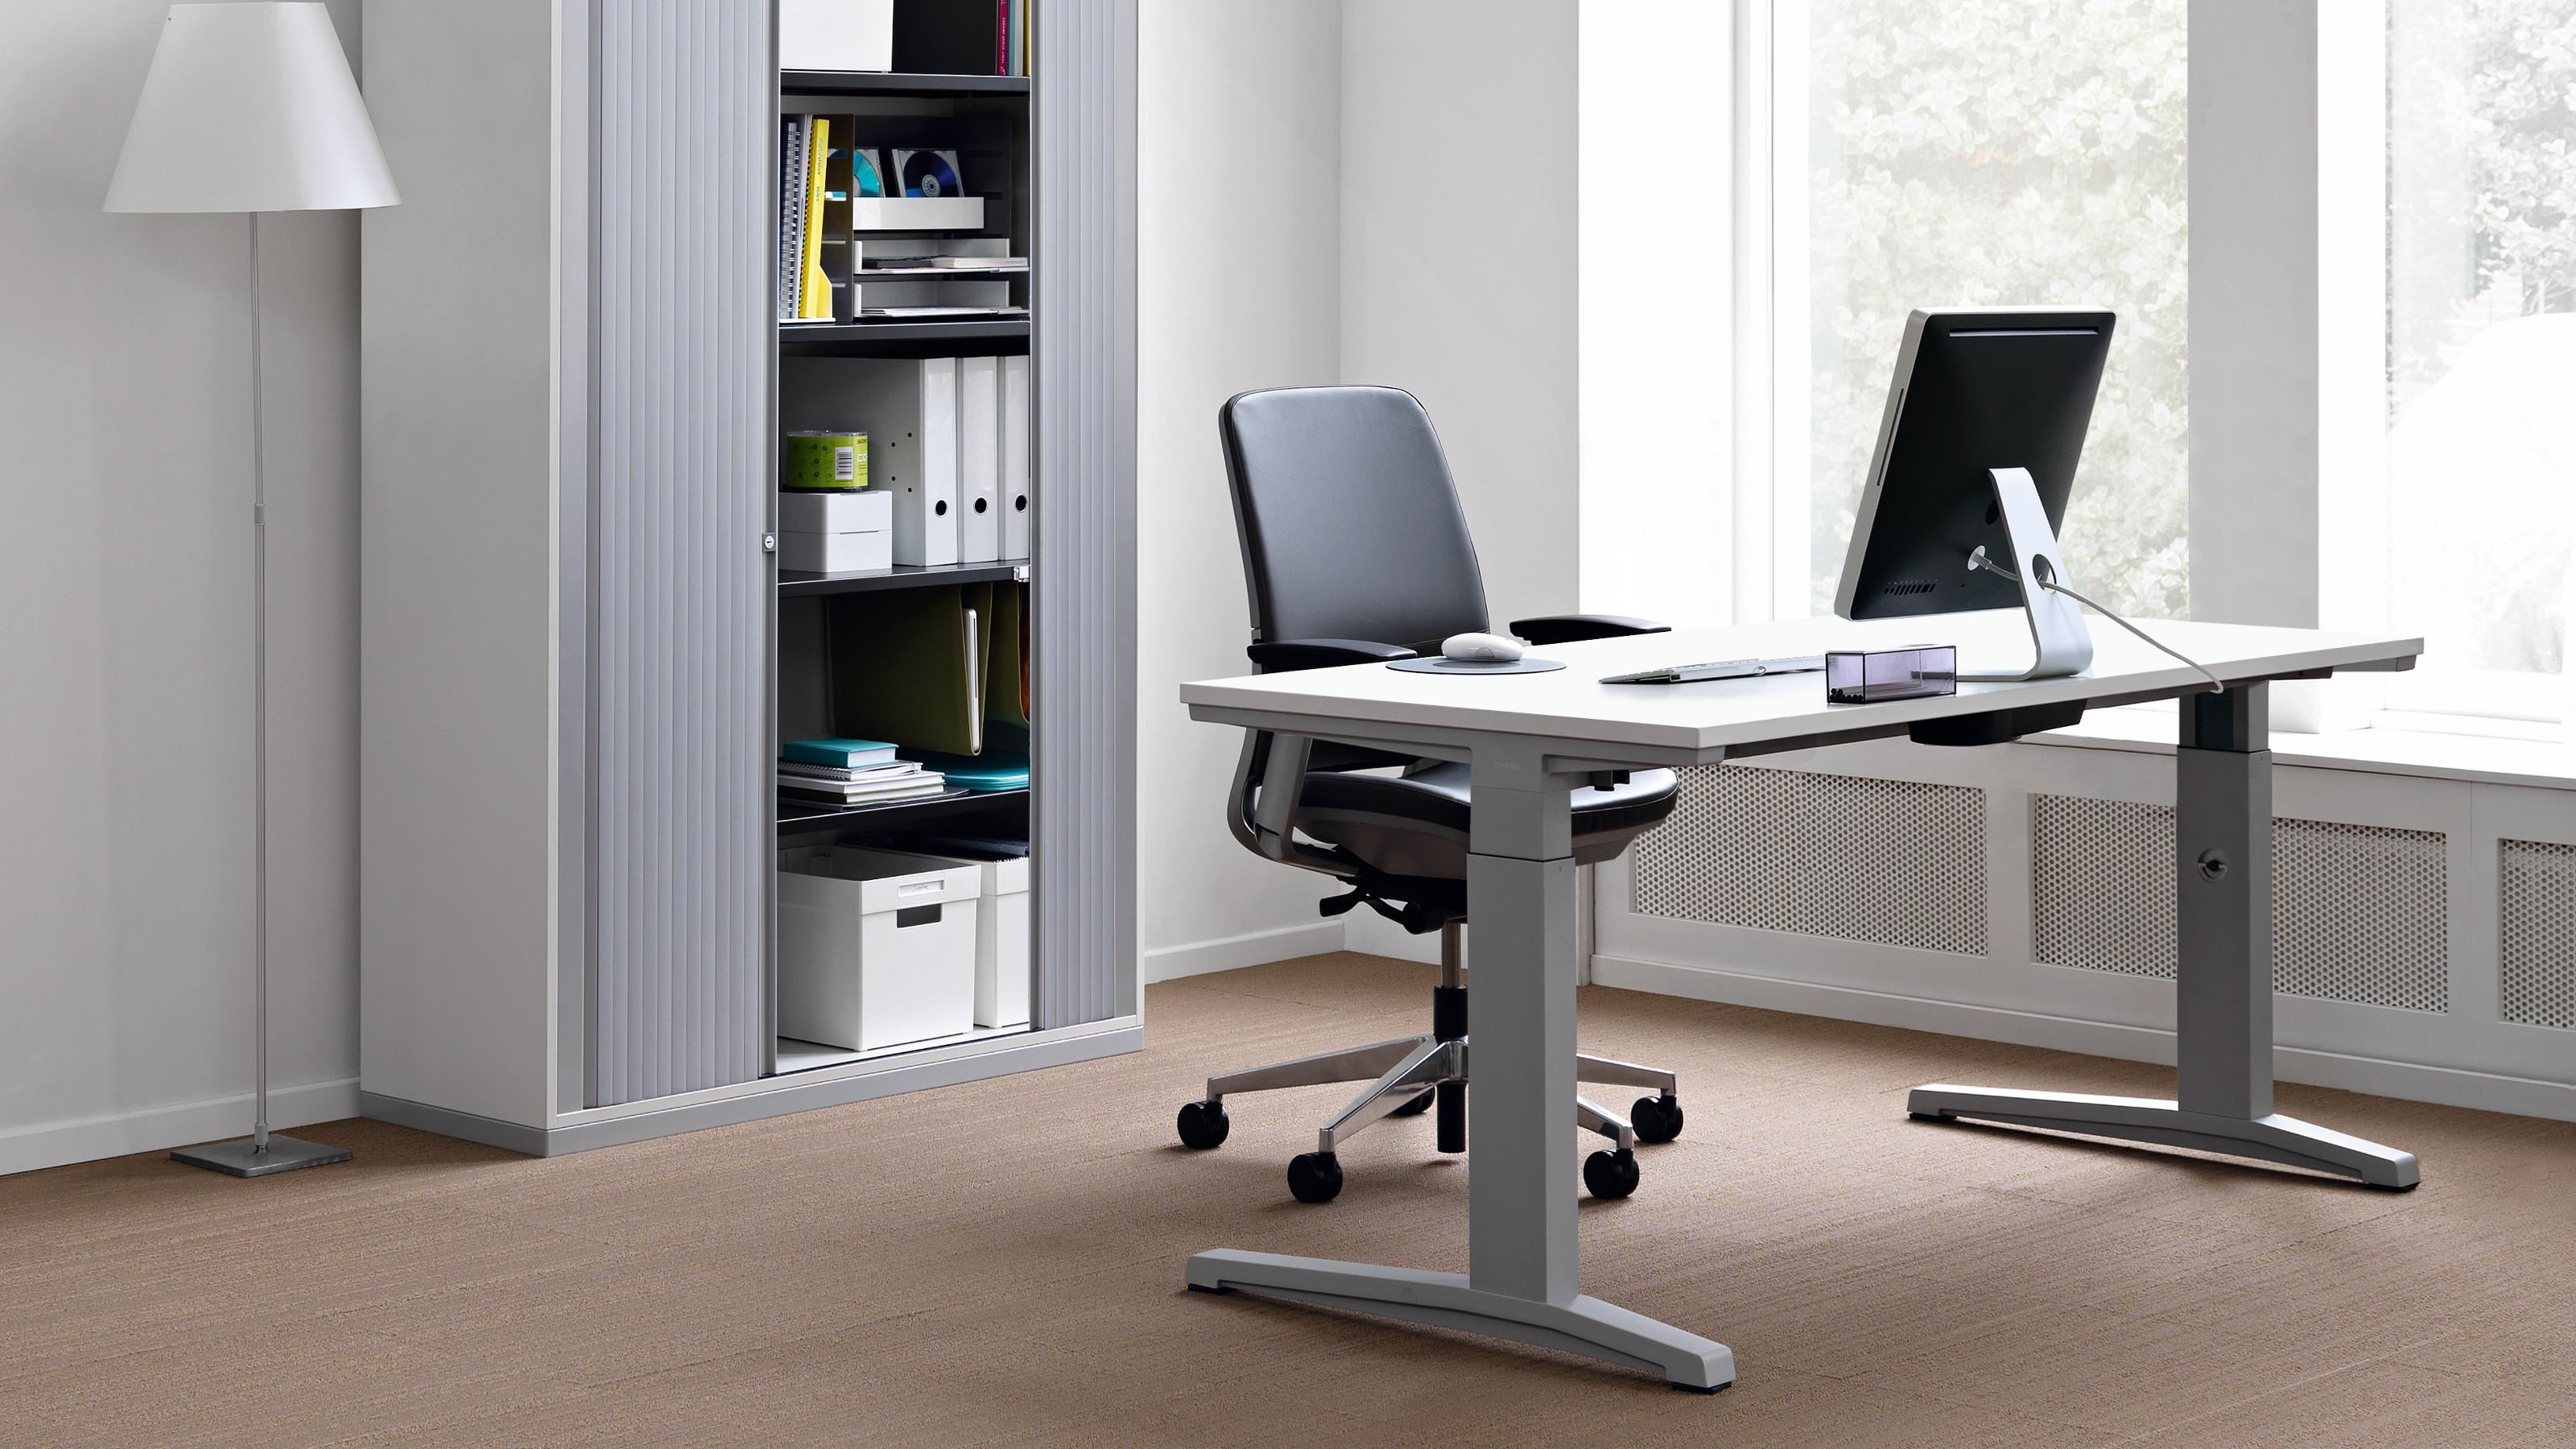 activa schreibtisch systeme h henverstellbar. Black Bedroom Furniture Sets. Home Design Ideas